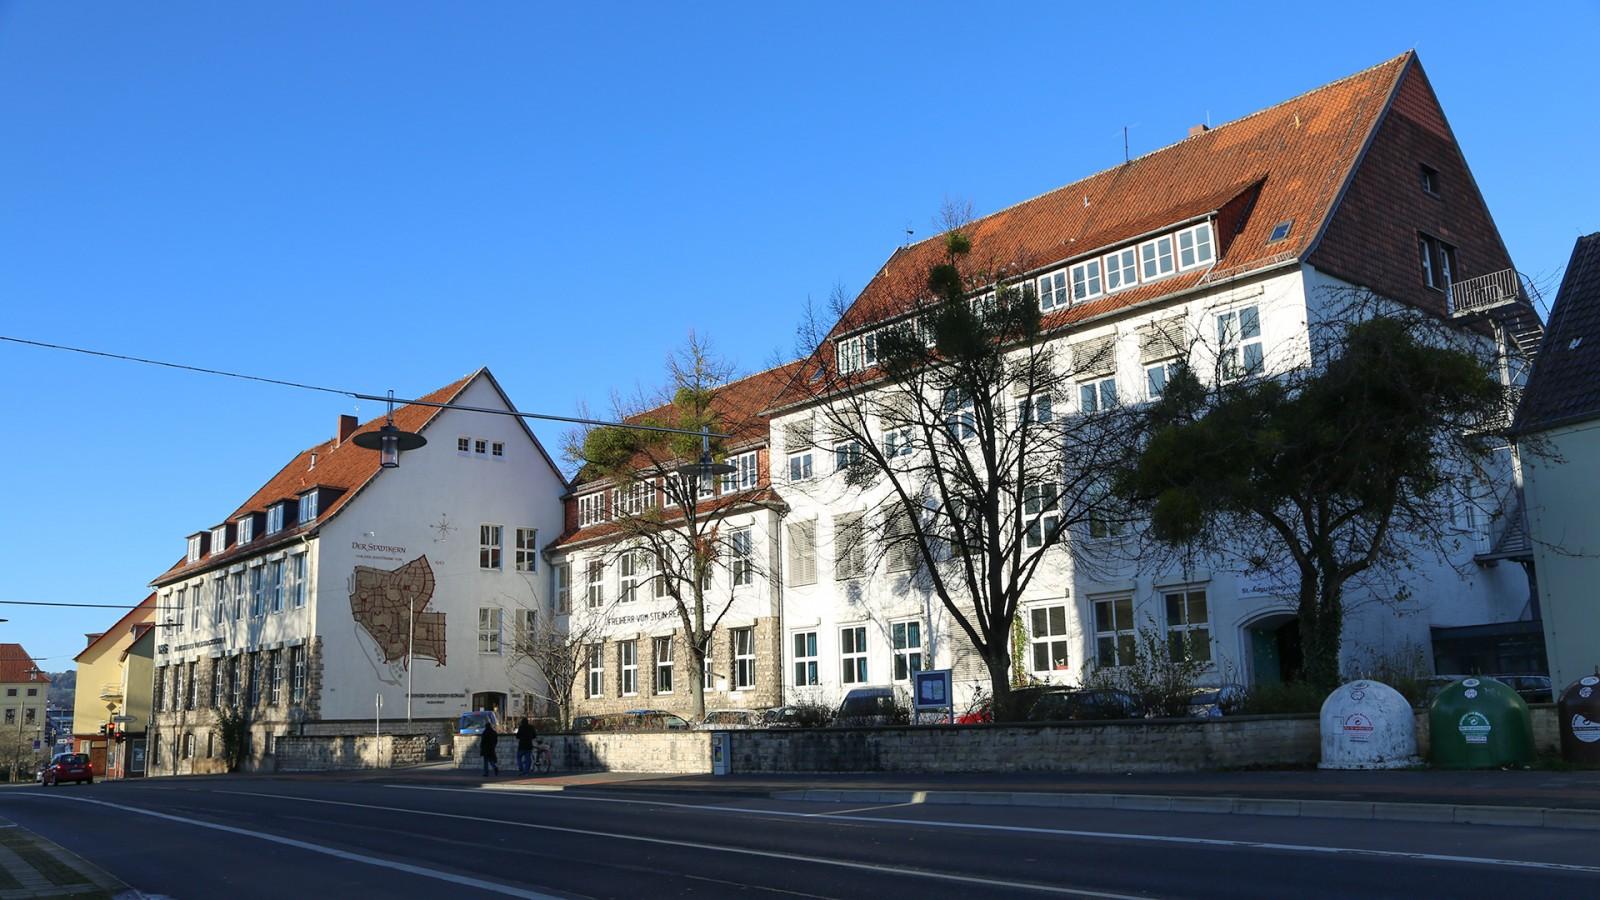 Architekten Hildesheim volkshochschule hildesheim jung architekturbüro